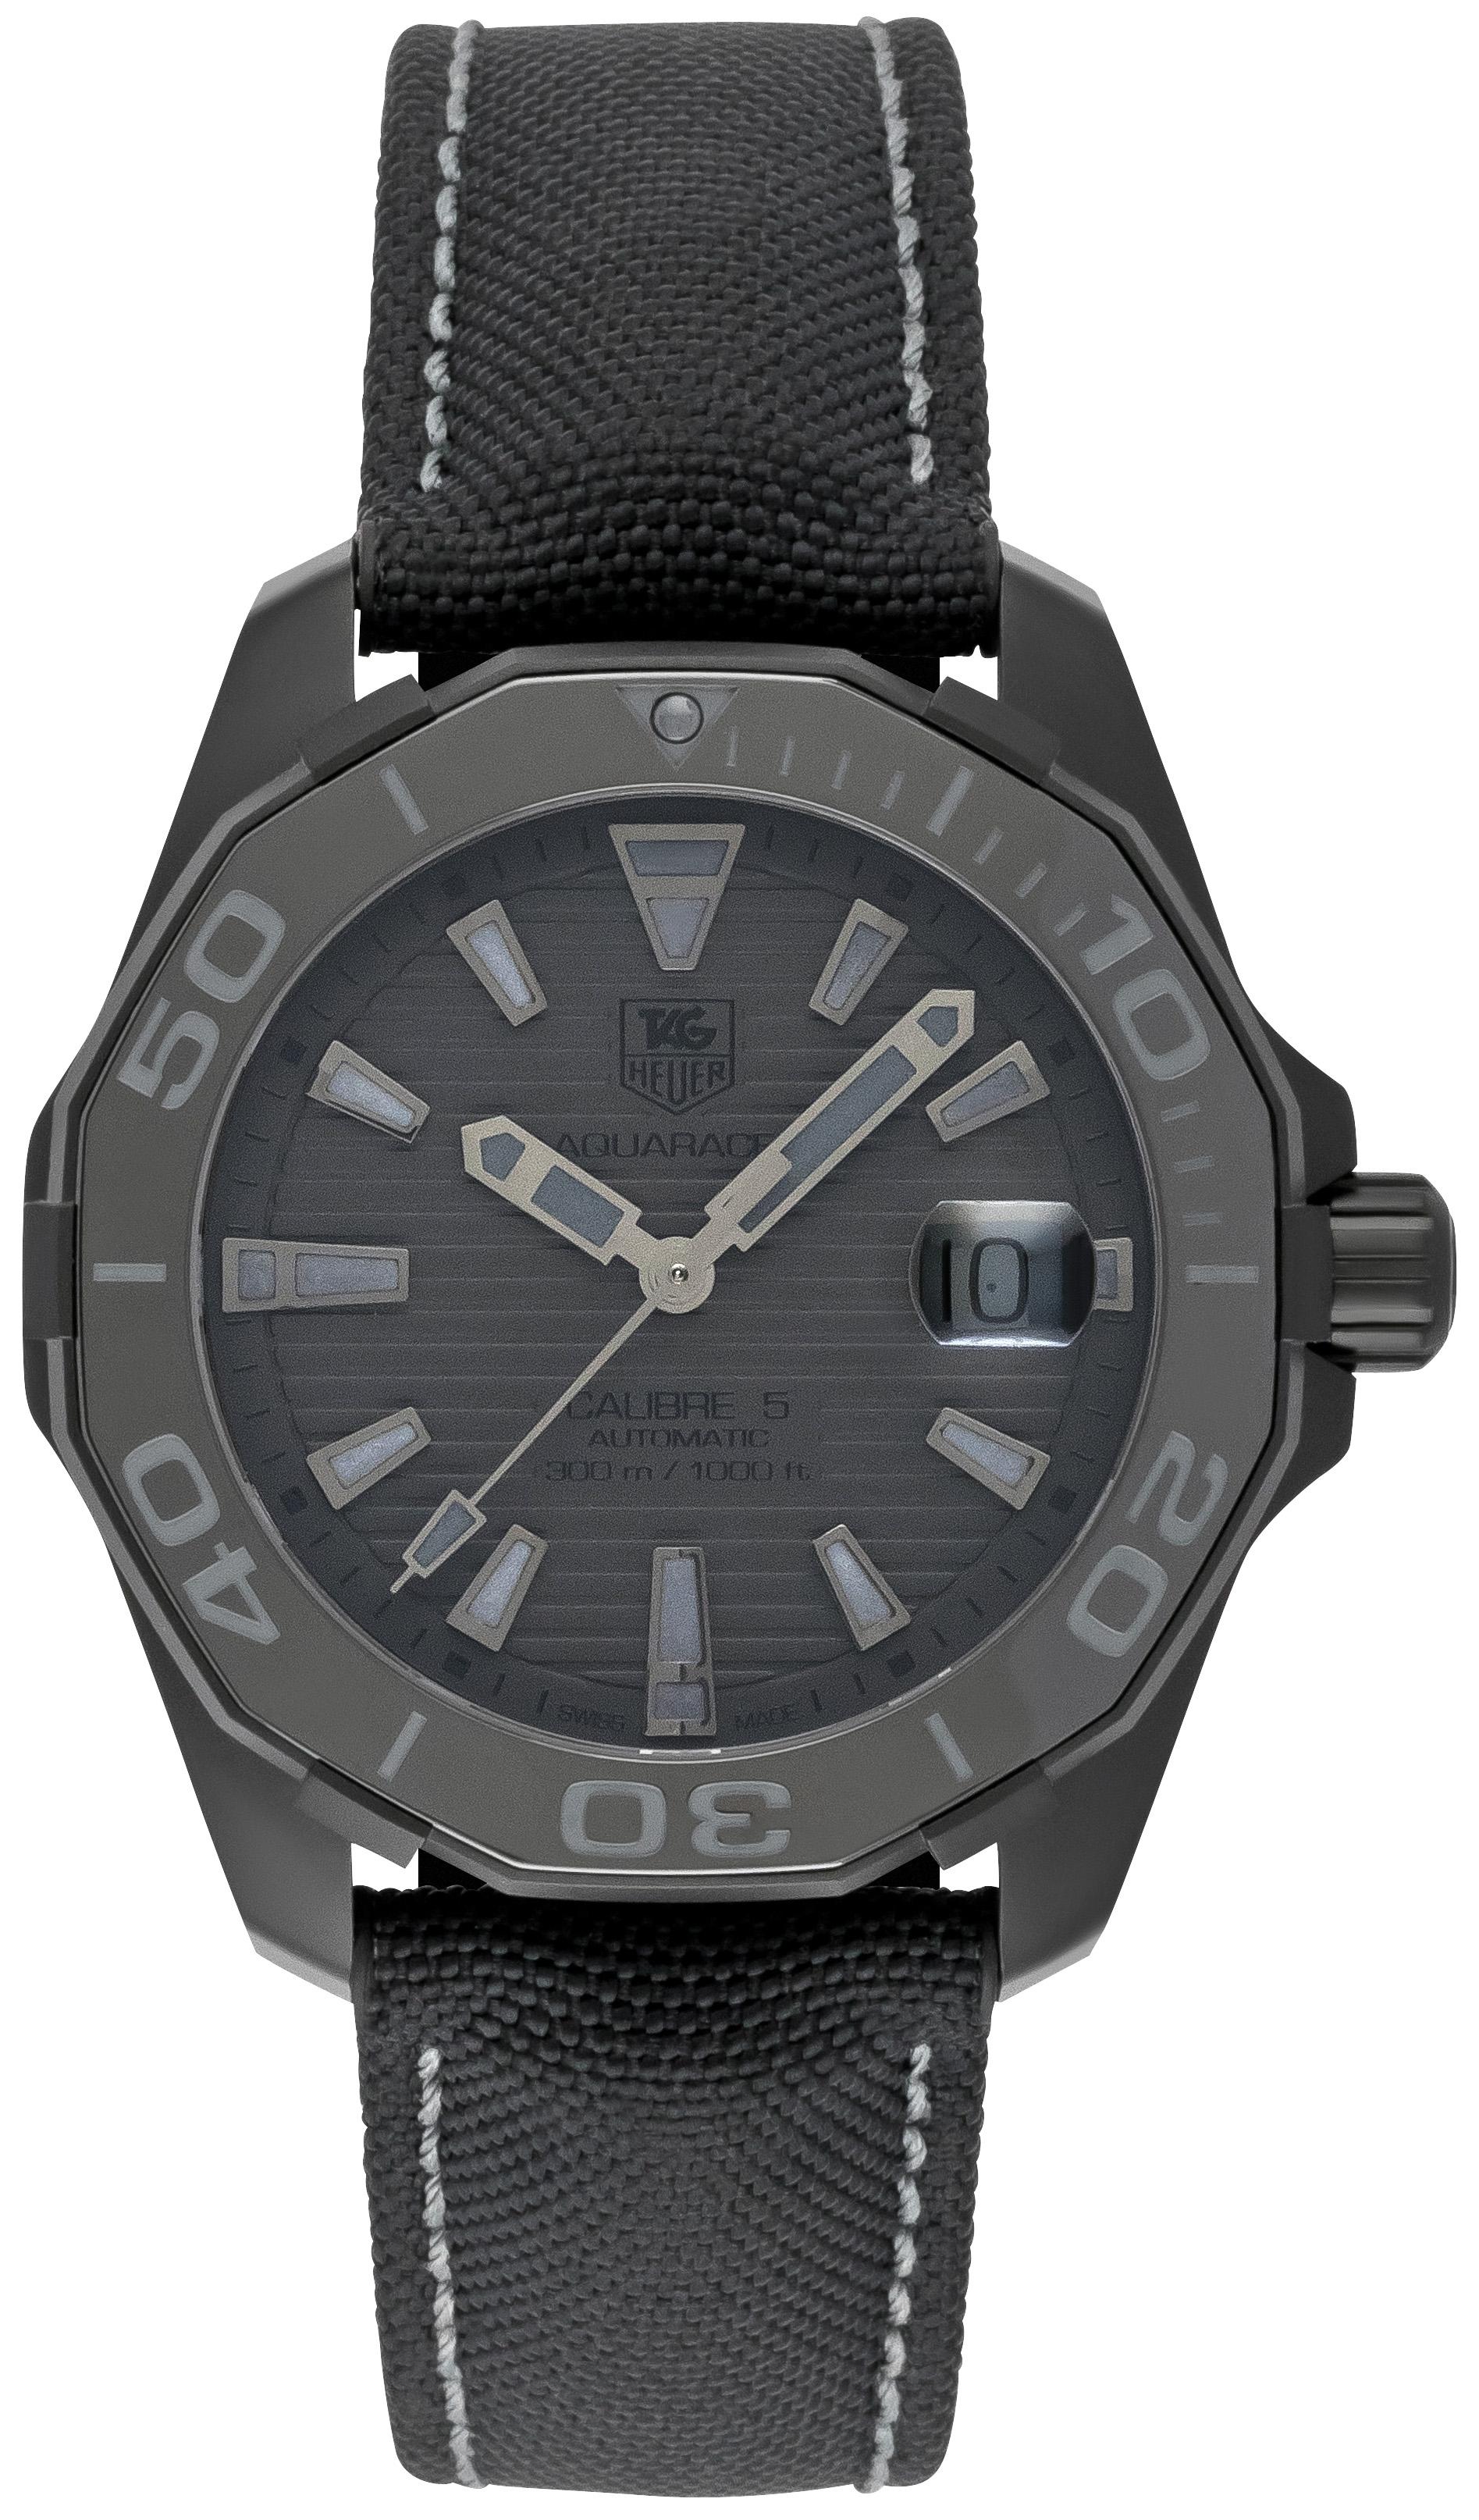 tag heuer aquaracer calibre 5 automatic 41mm black phantom way218b fc6364 uhrinstinkt seiko manual winding watch grand seiko manual winding